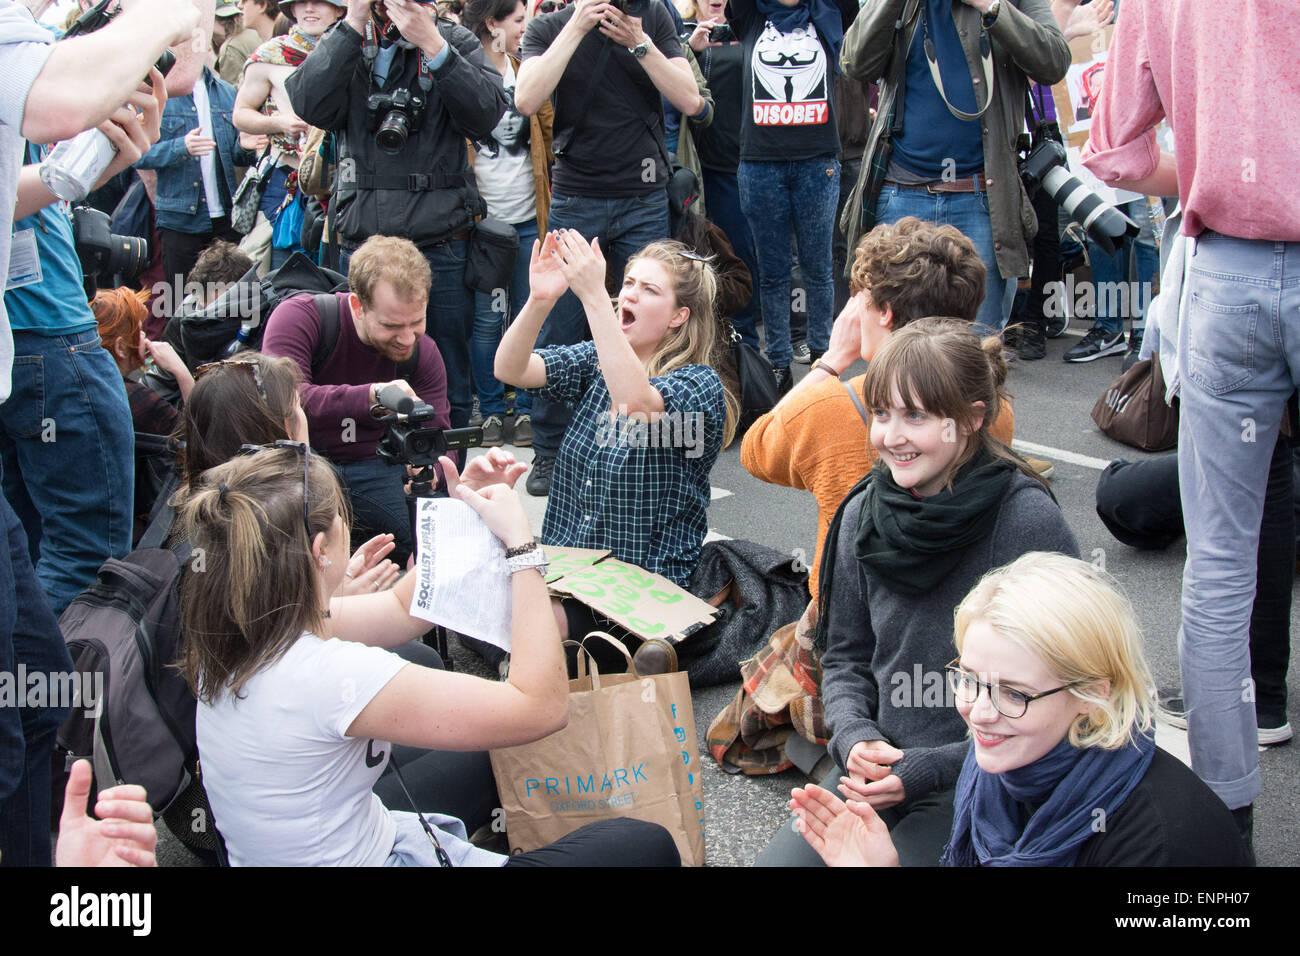 Londres, 9 mai 2015. Les gens s'asseoir et de bloquer la rue de Westminster Bridge, lors d'une manifestation Photo Stock